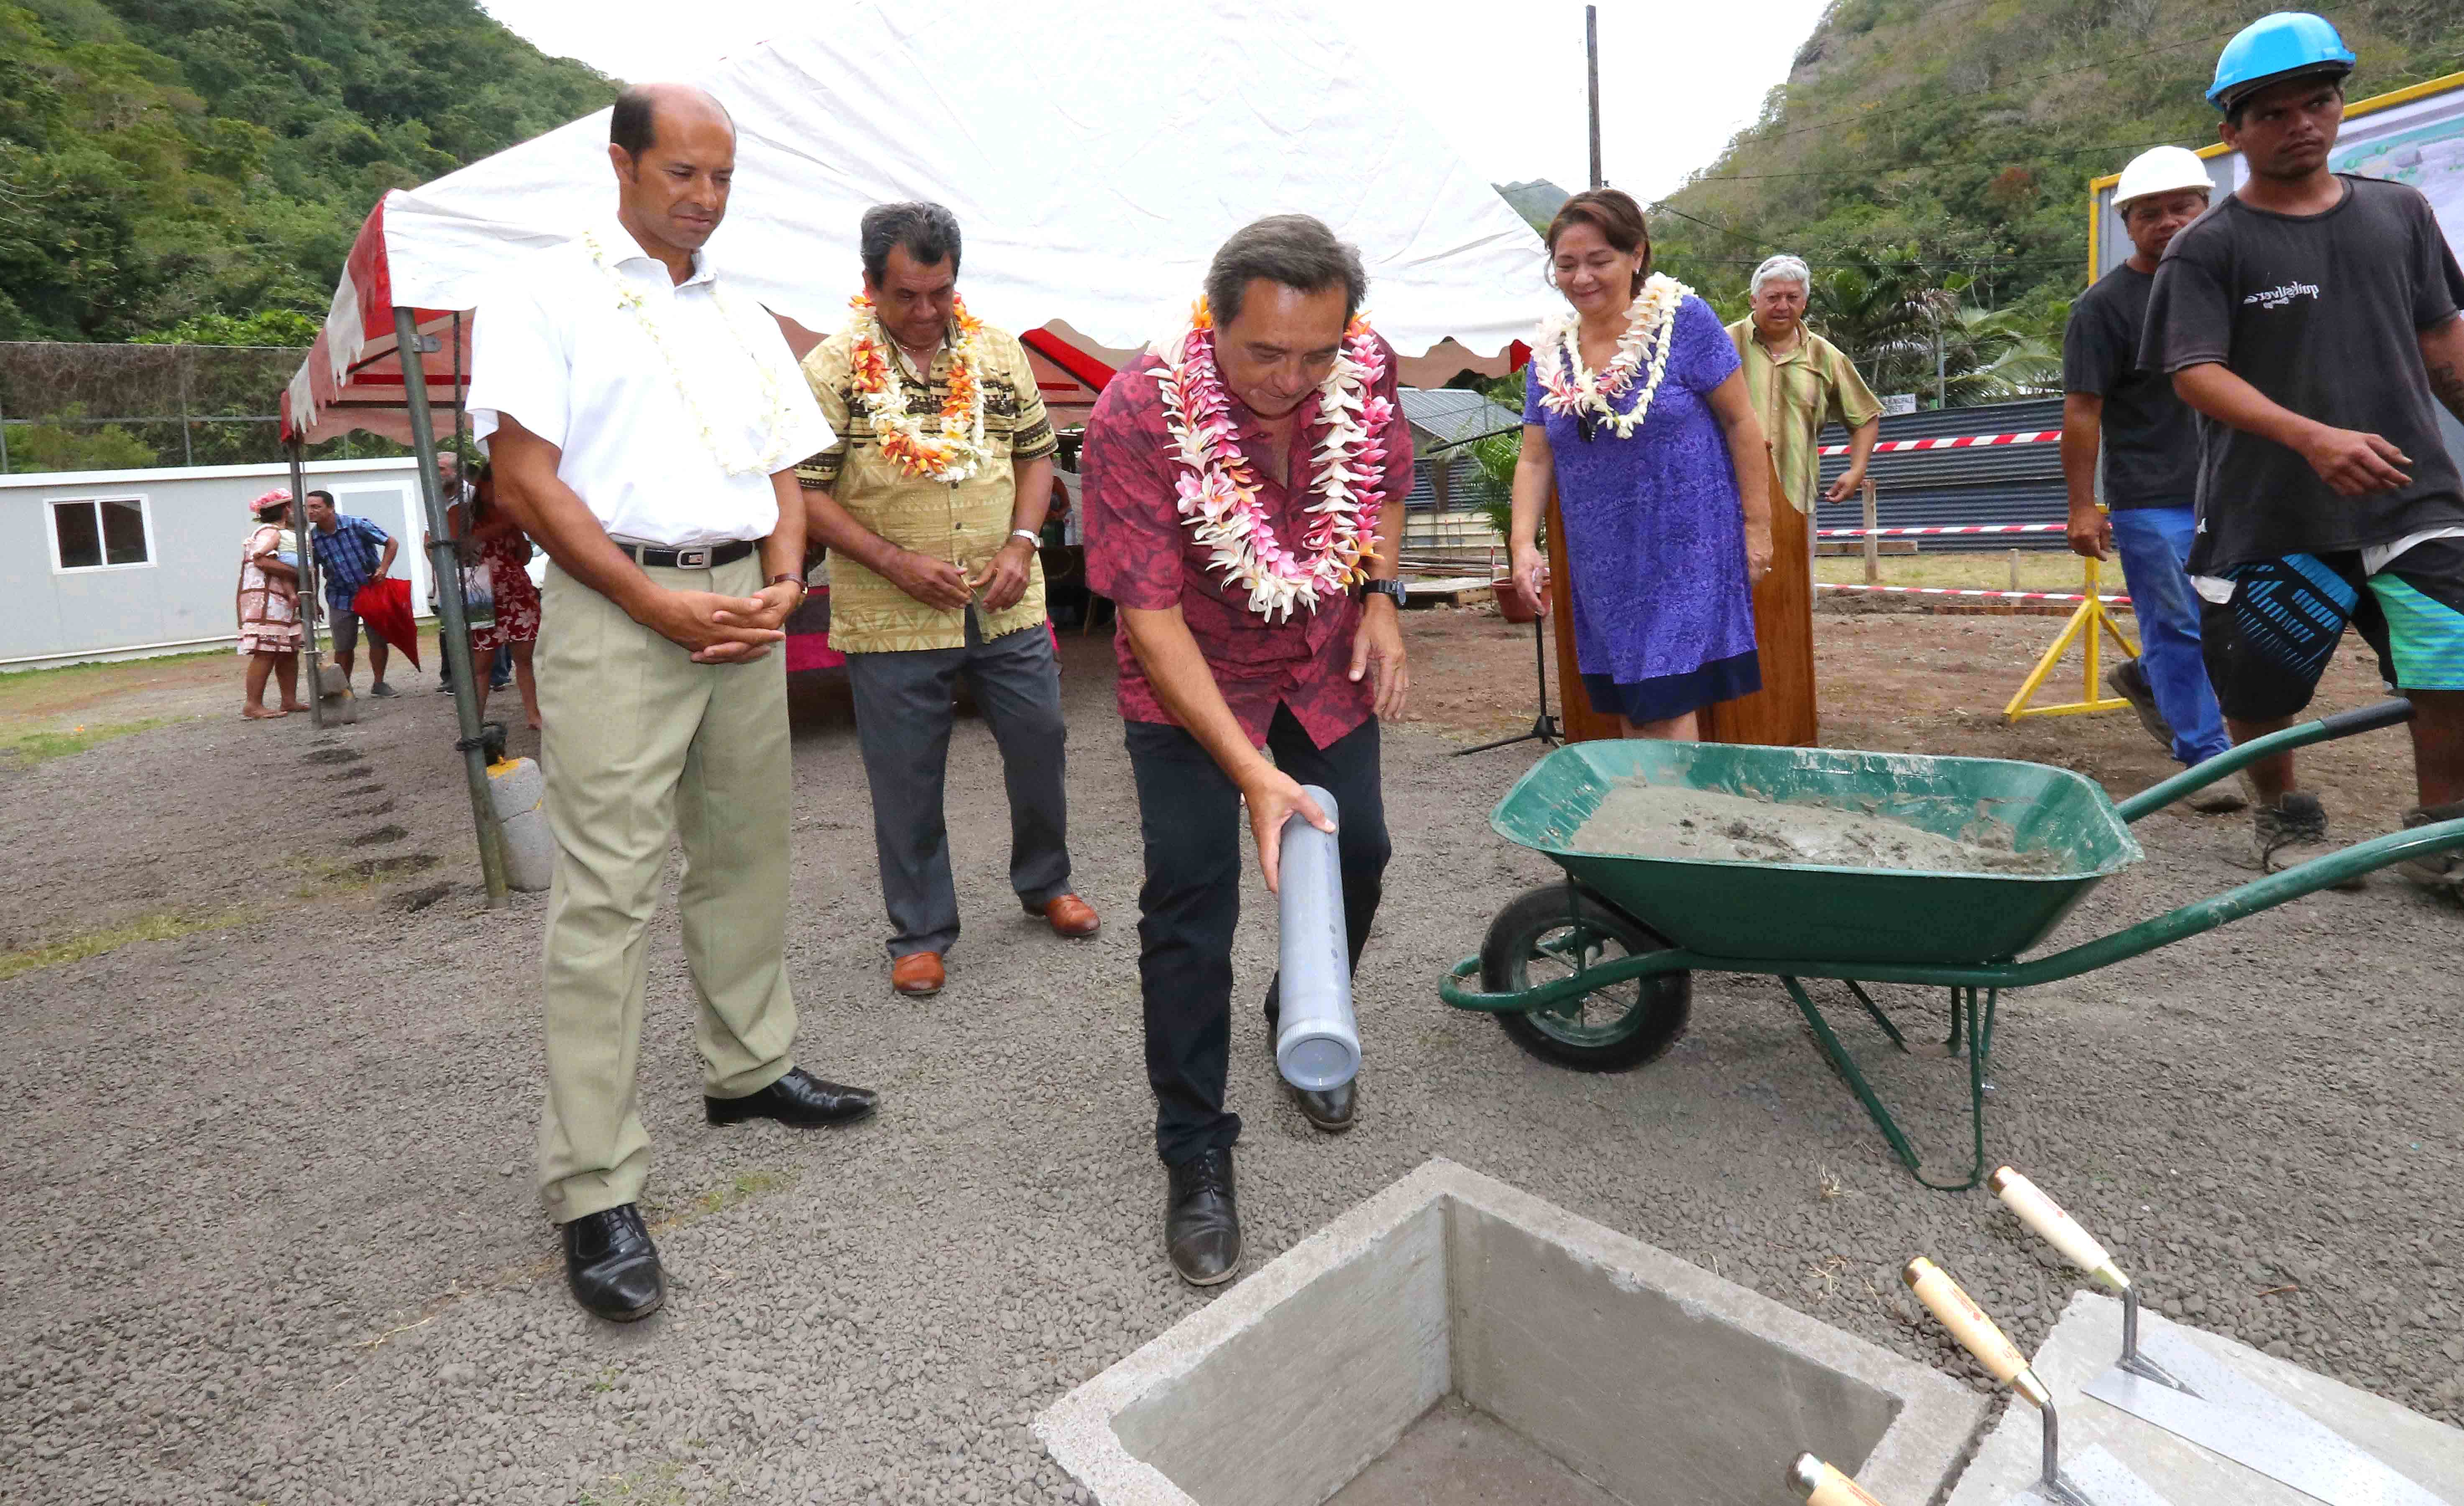 La cérémonie de pose de la première pierre de la salle polyvalente du Bain Loti s'est déroulée en présence du président Edouard Fritch, du maire de Papeete, Michel Buillard, et de l'administrateur des îles de la Société, Raymond Yeddou.